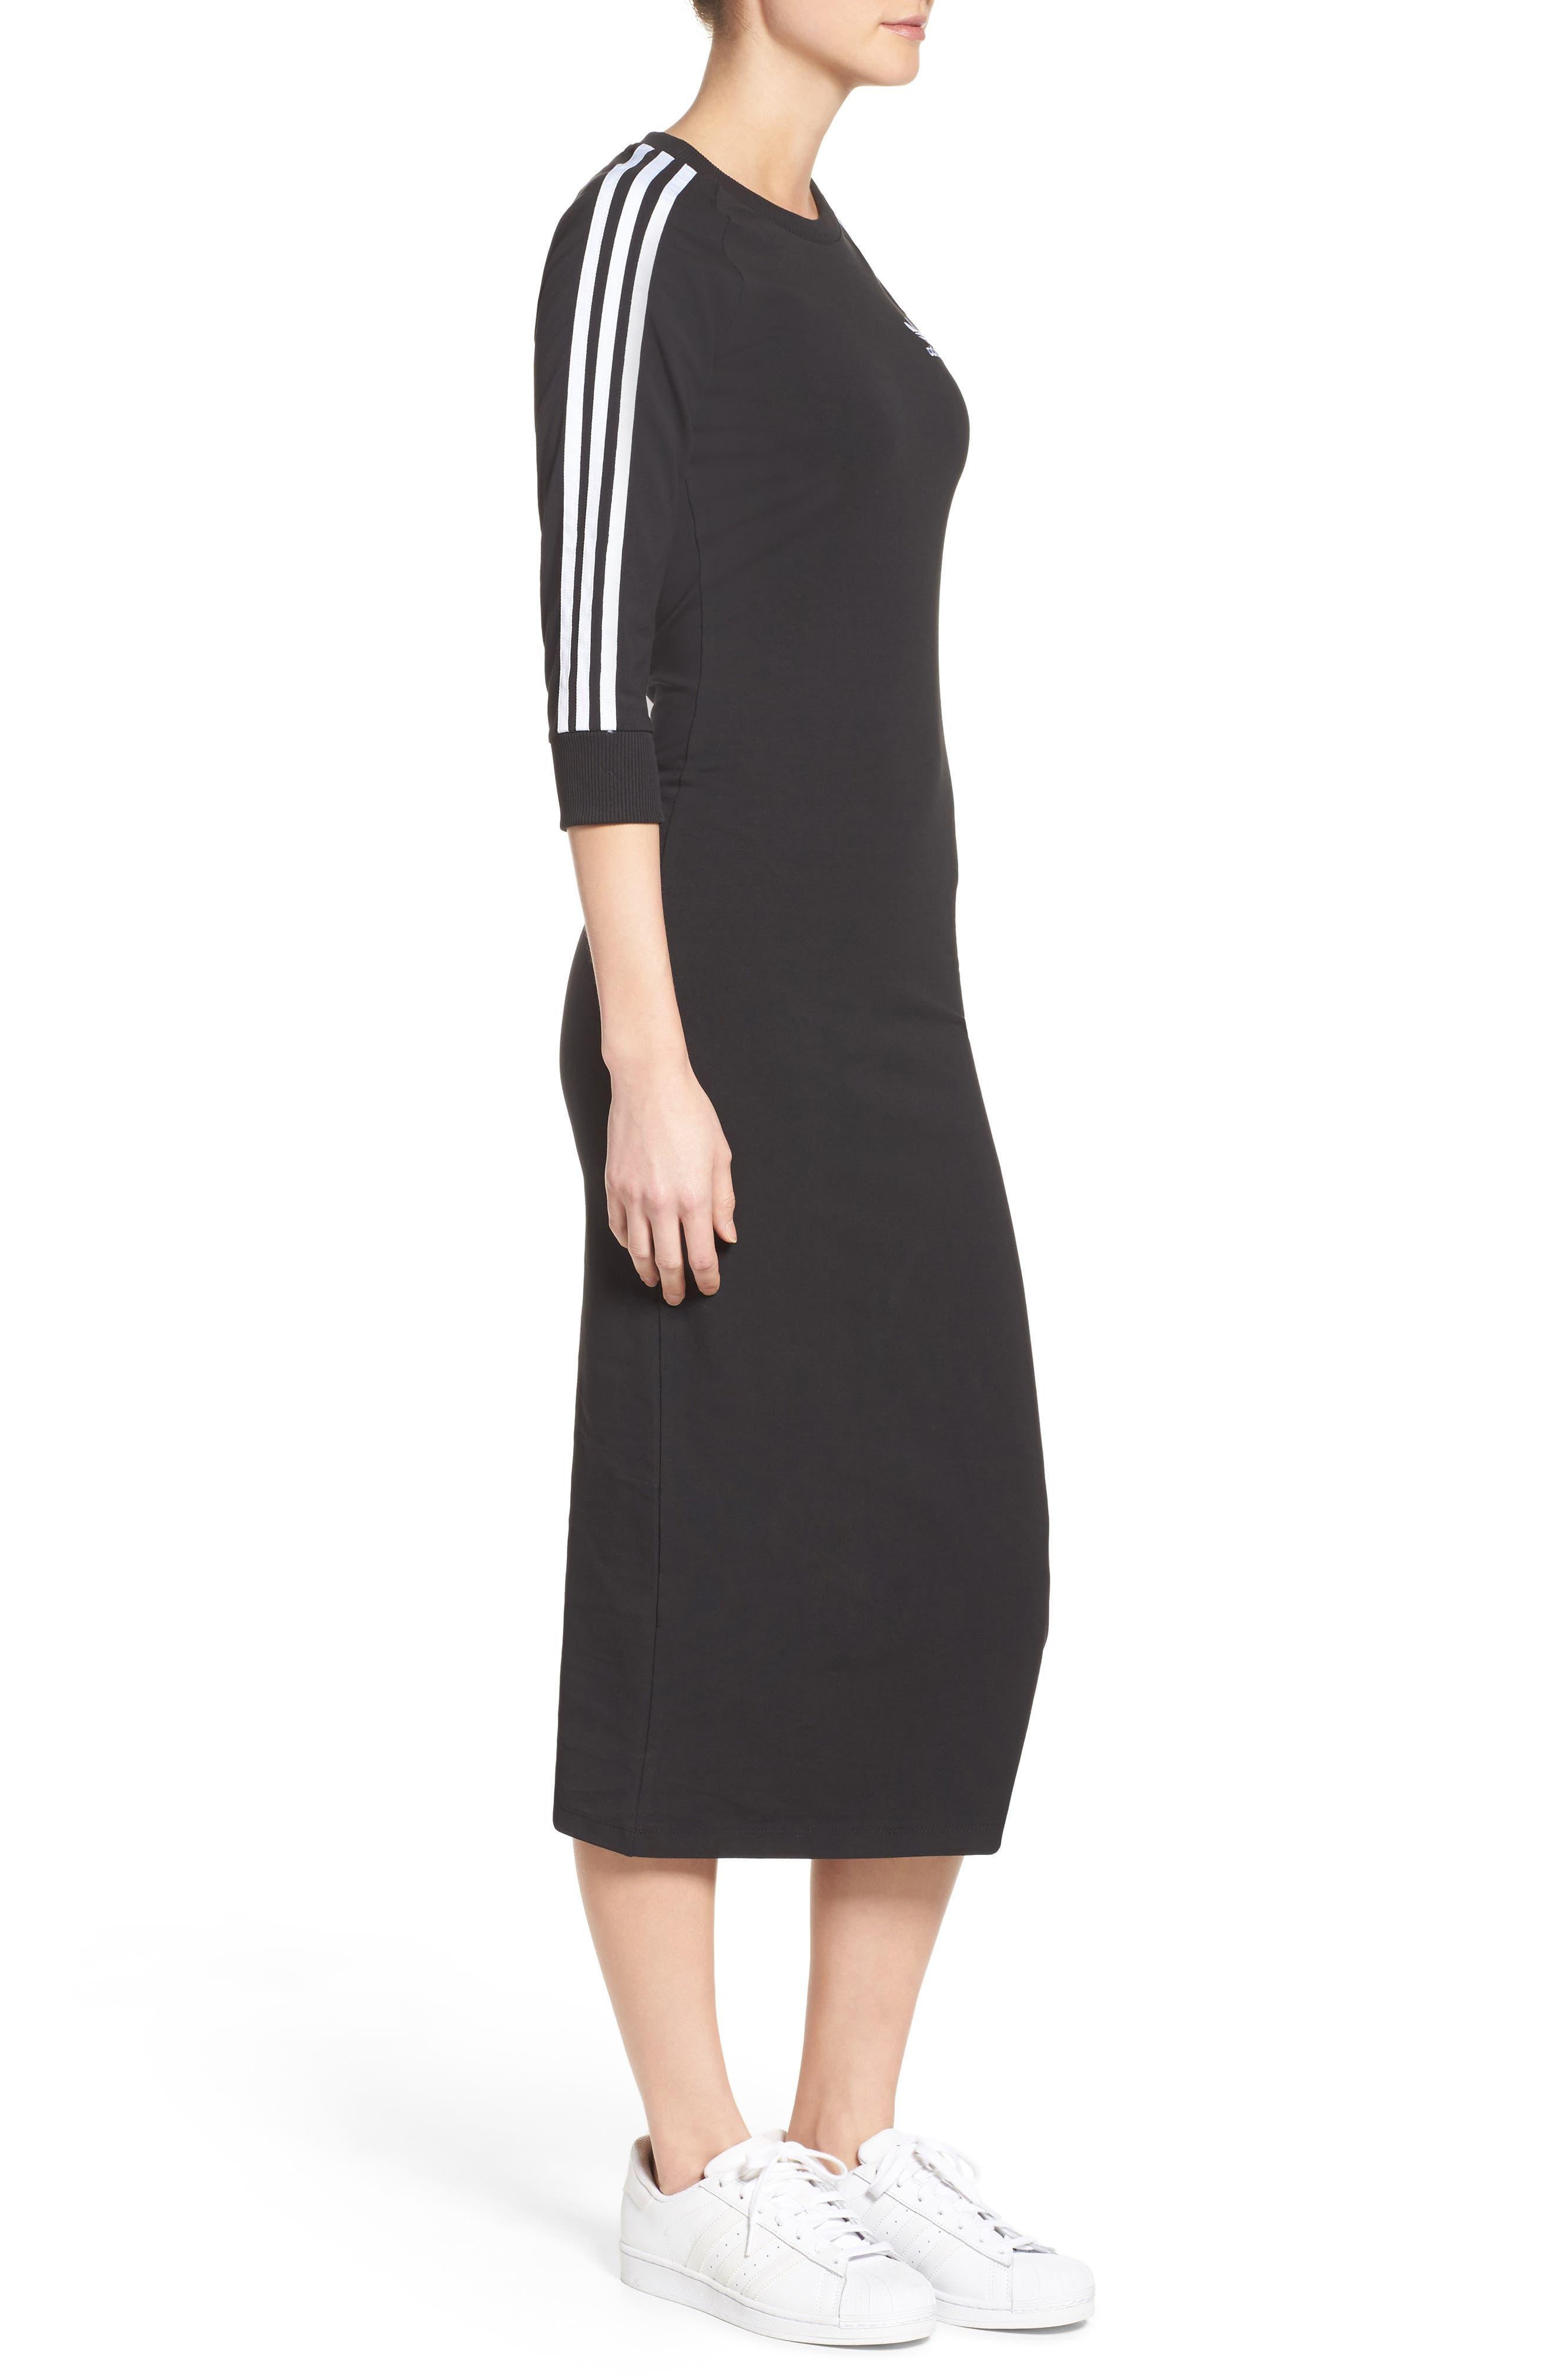 Alternate Image 3  - adidas Originals 3-Stripes Dress